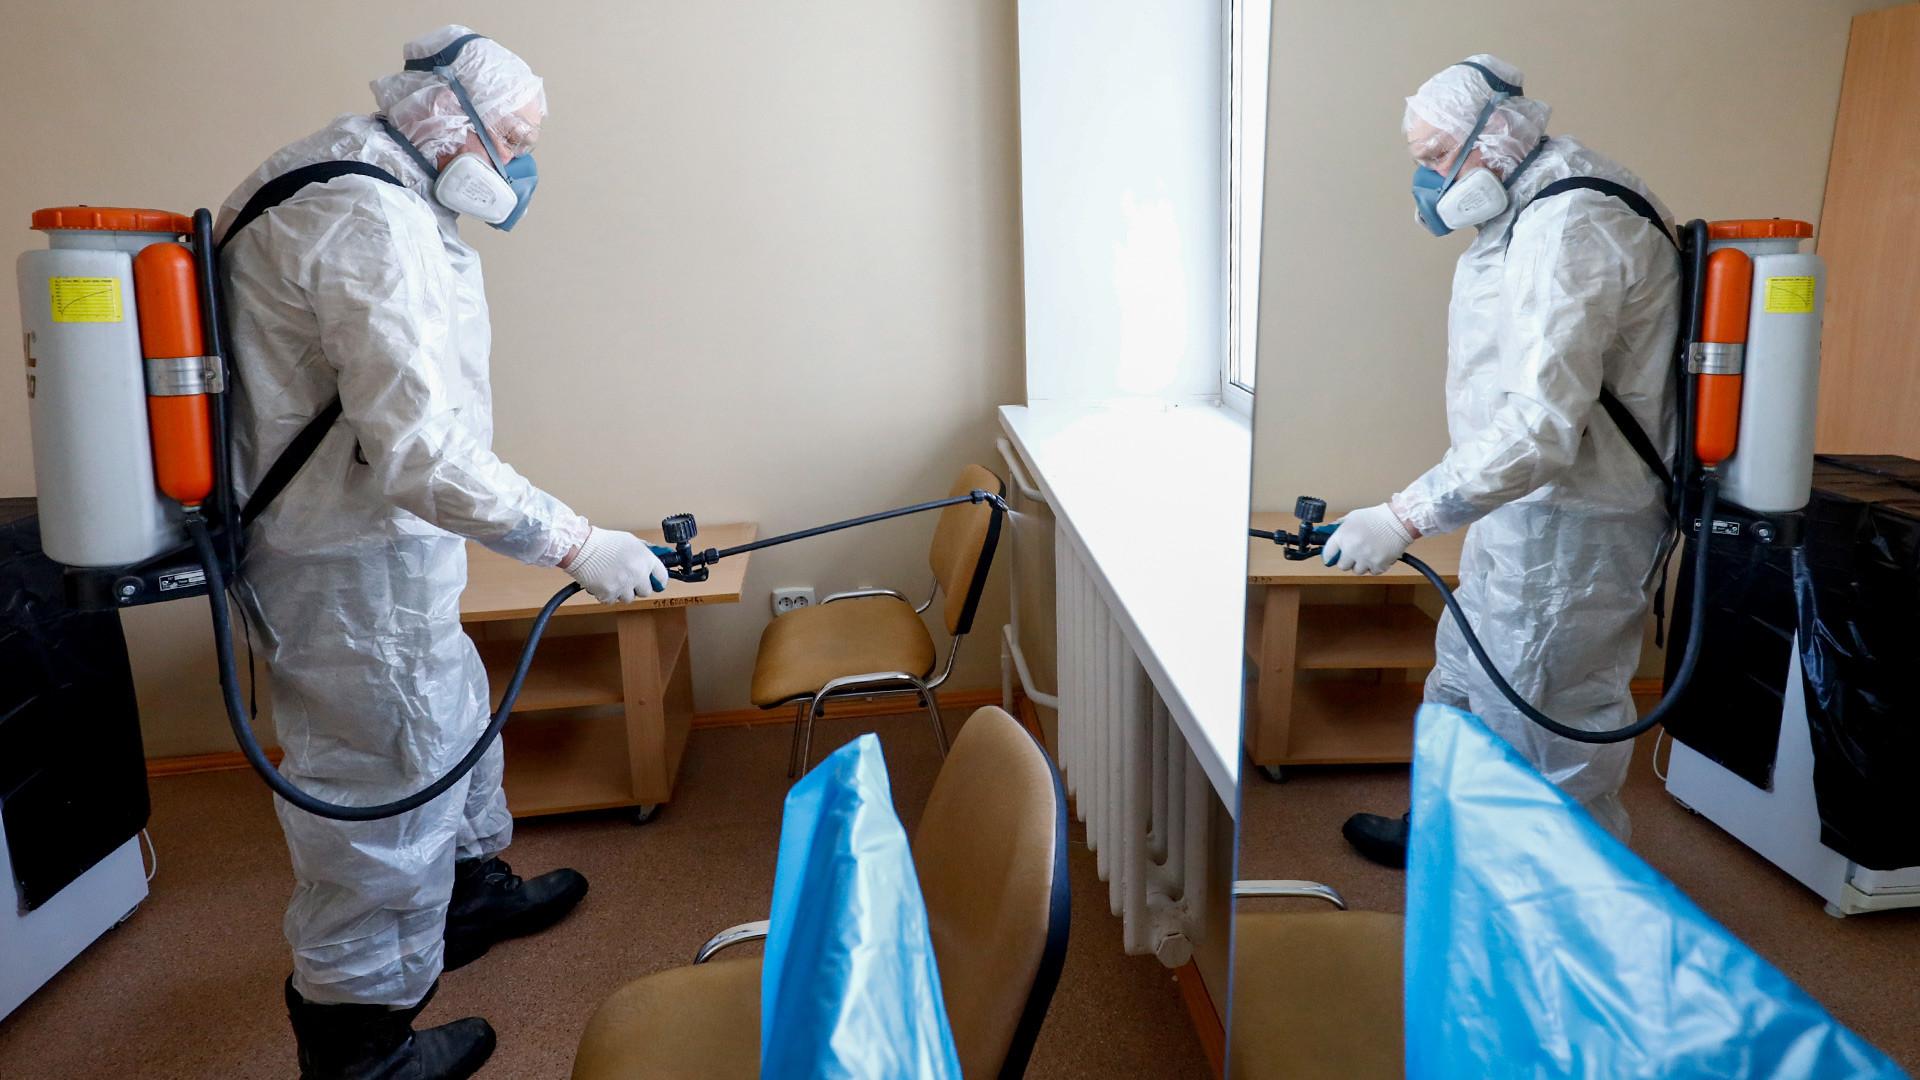 Sterilisasi sanatorium setelah karantina COVID-19 di Tyumen, 21 Februari 2020.